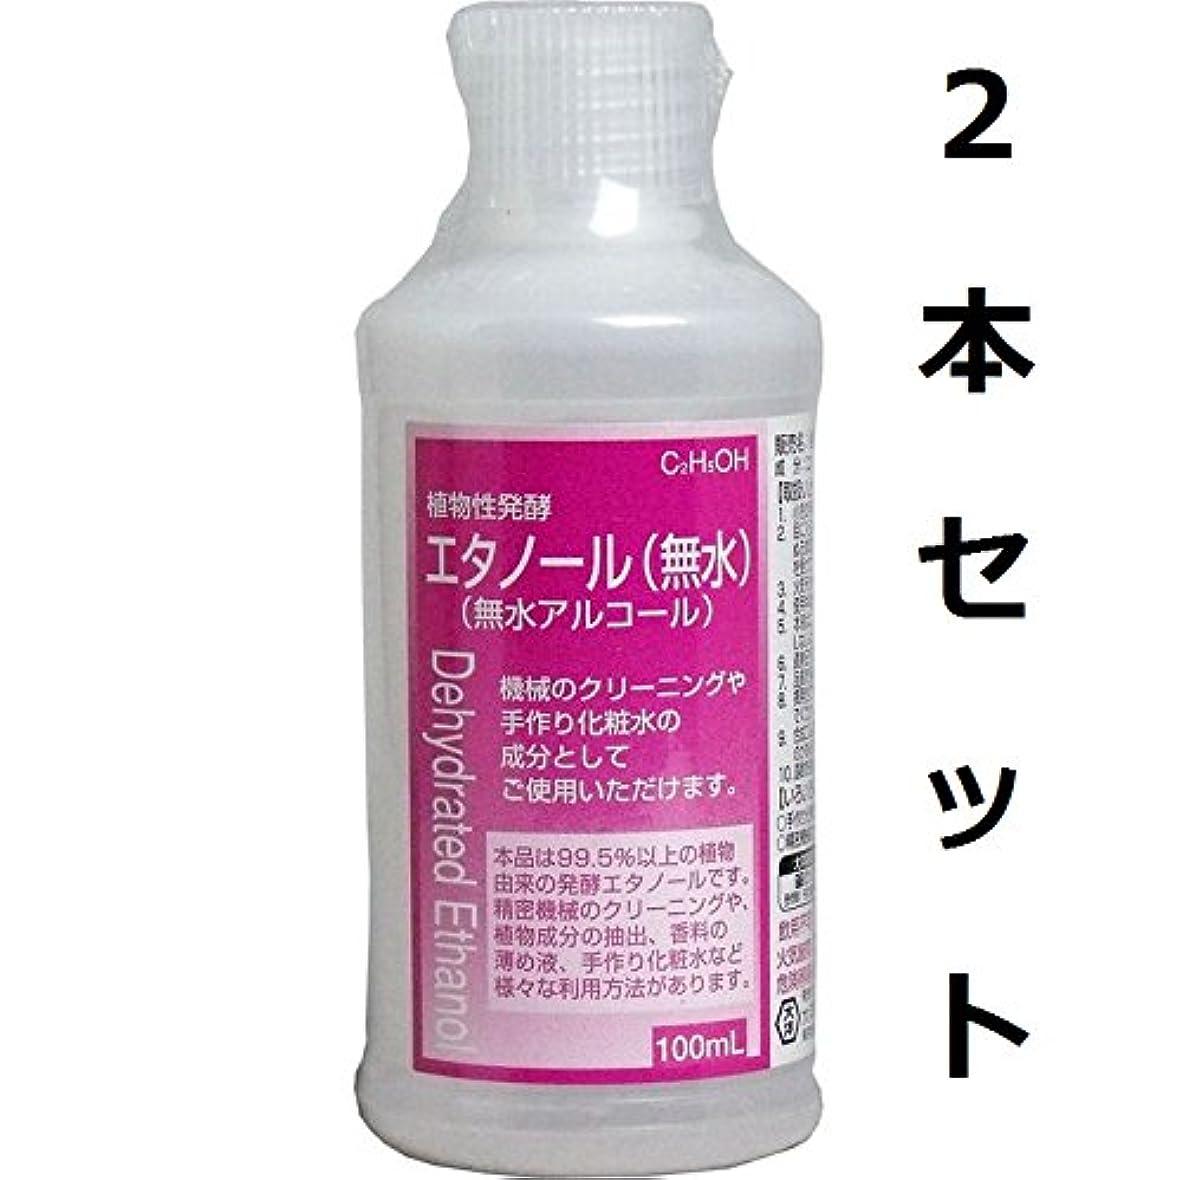 バンク軸のみ手作り化粧水に 植物性発酵エタノール(無水エタノール) 100mL 2本セット